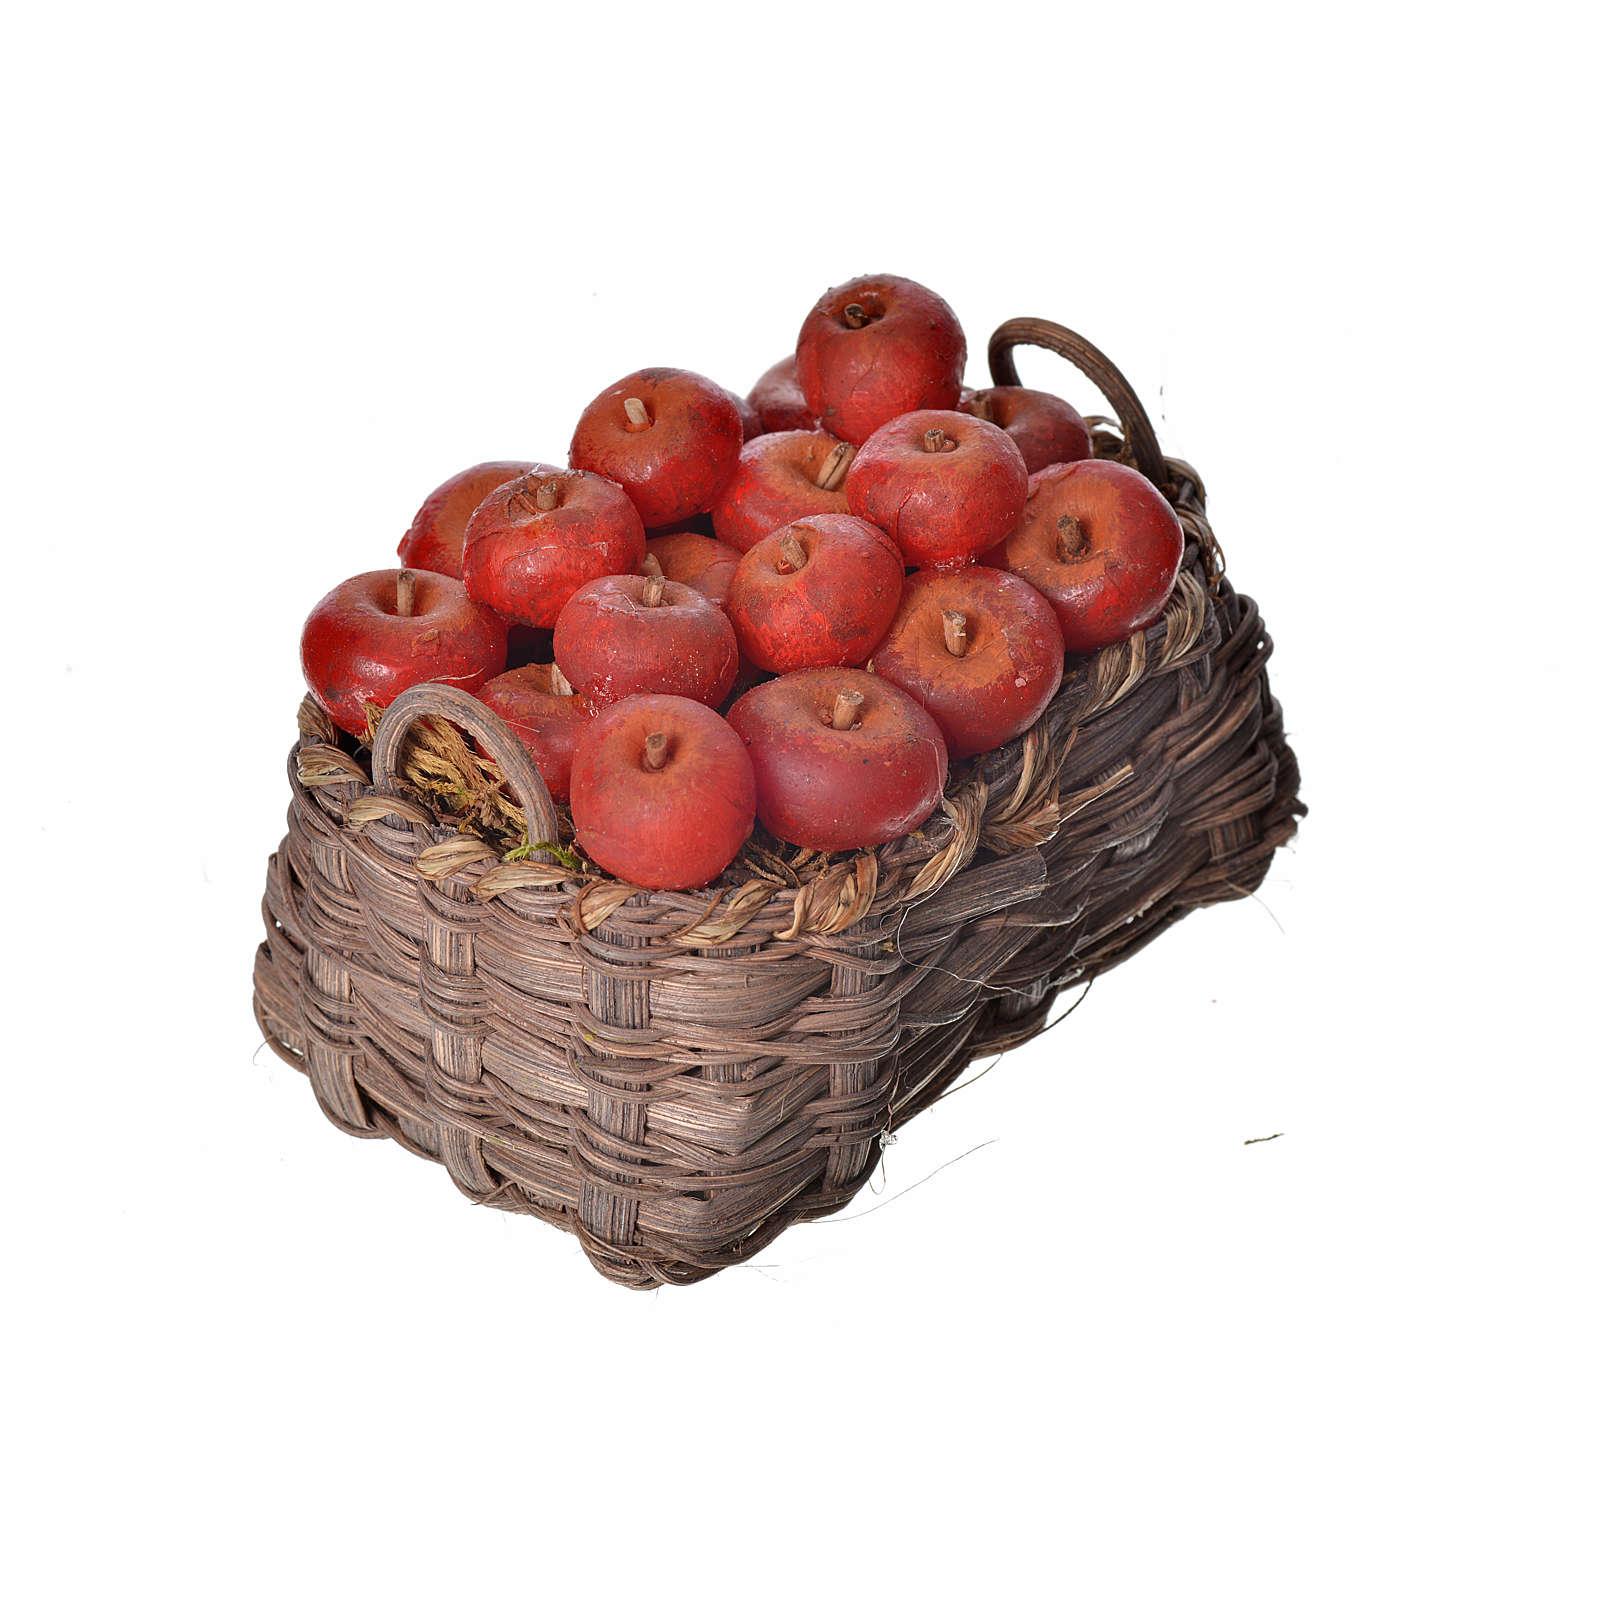 Wachs Auf äpfeln